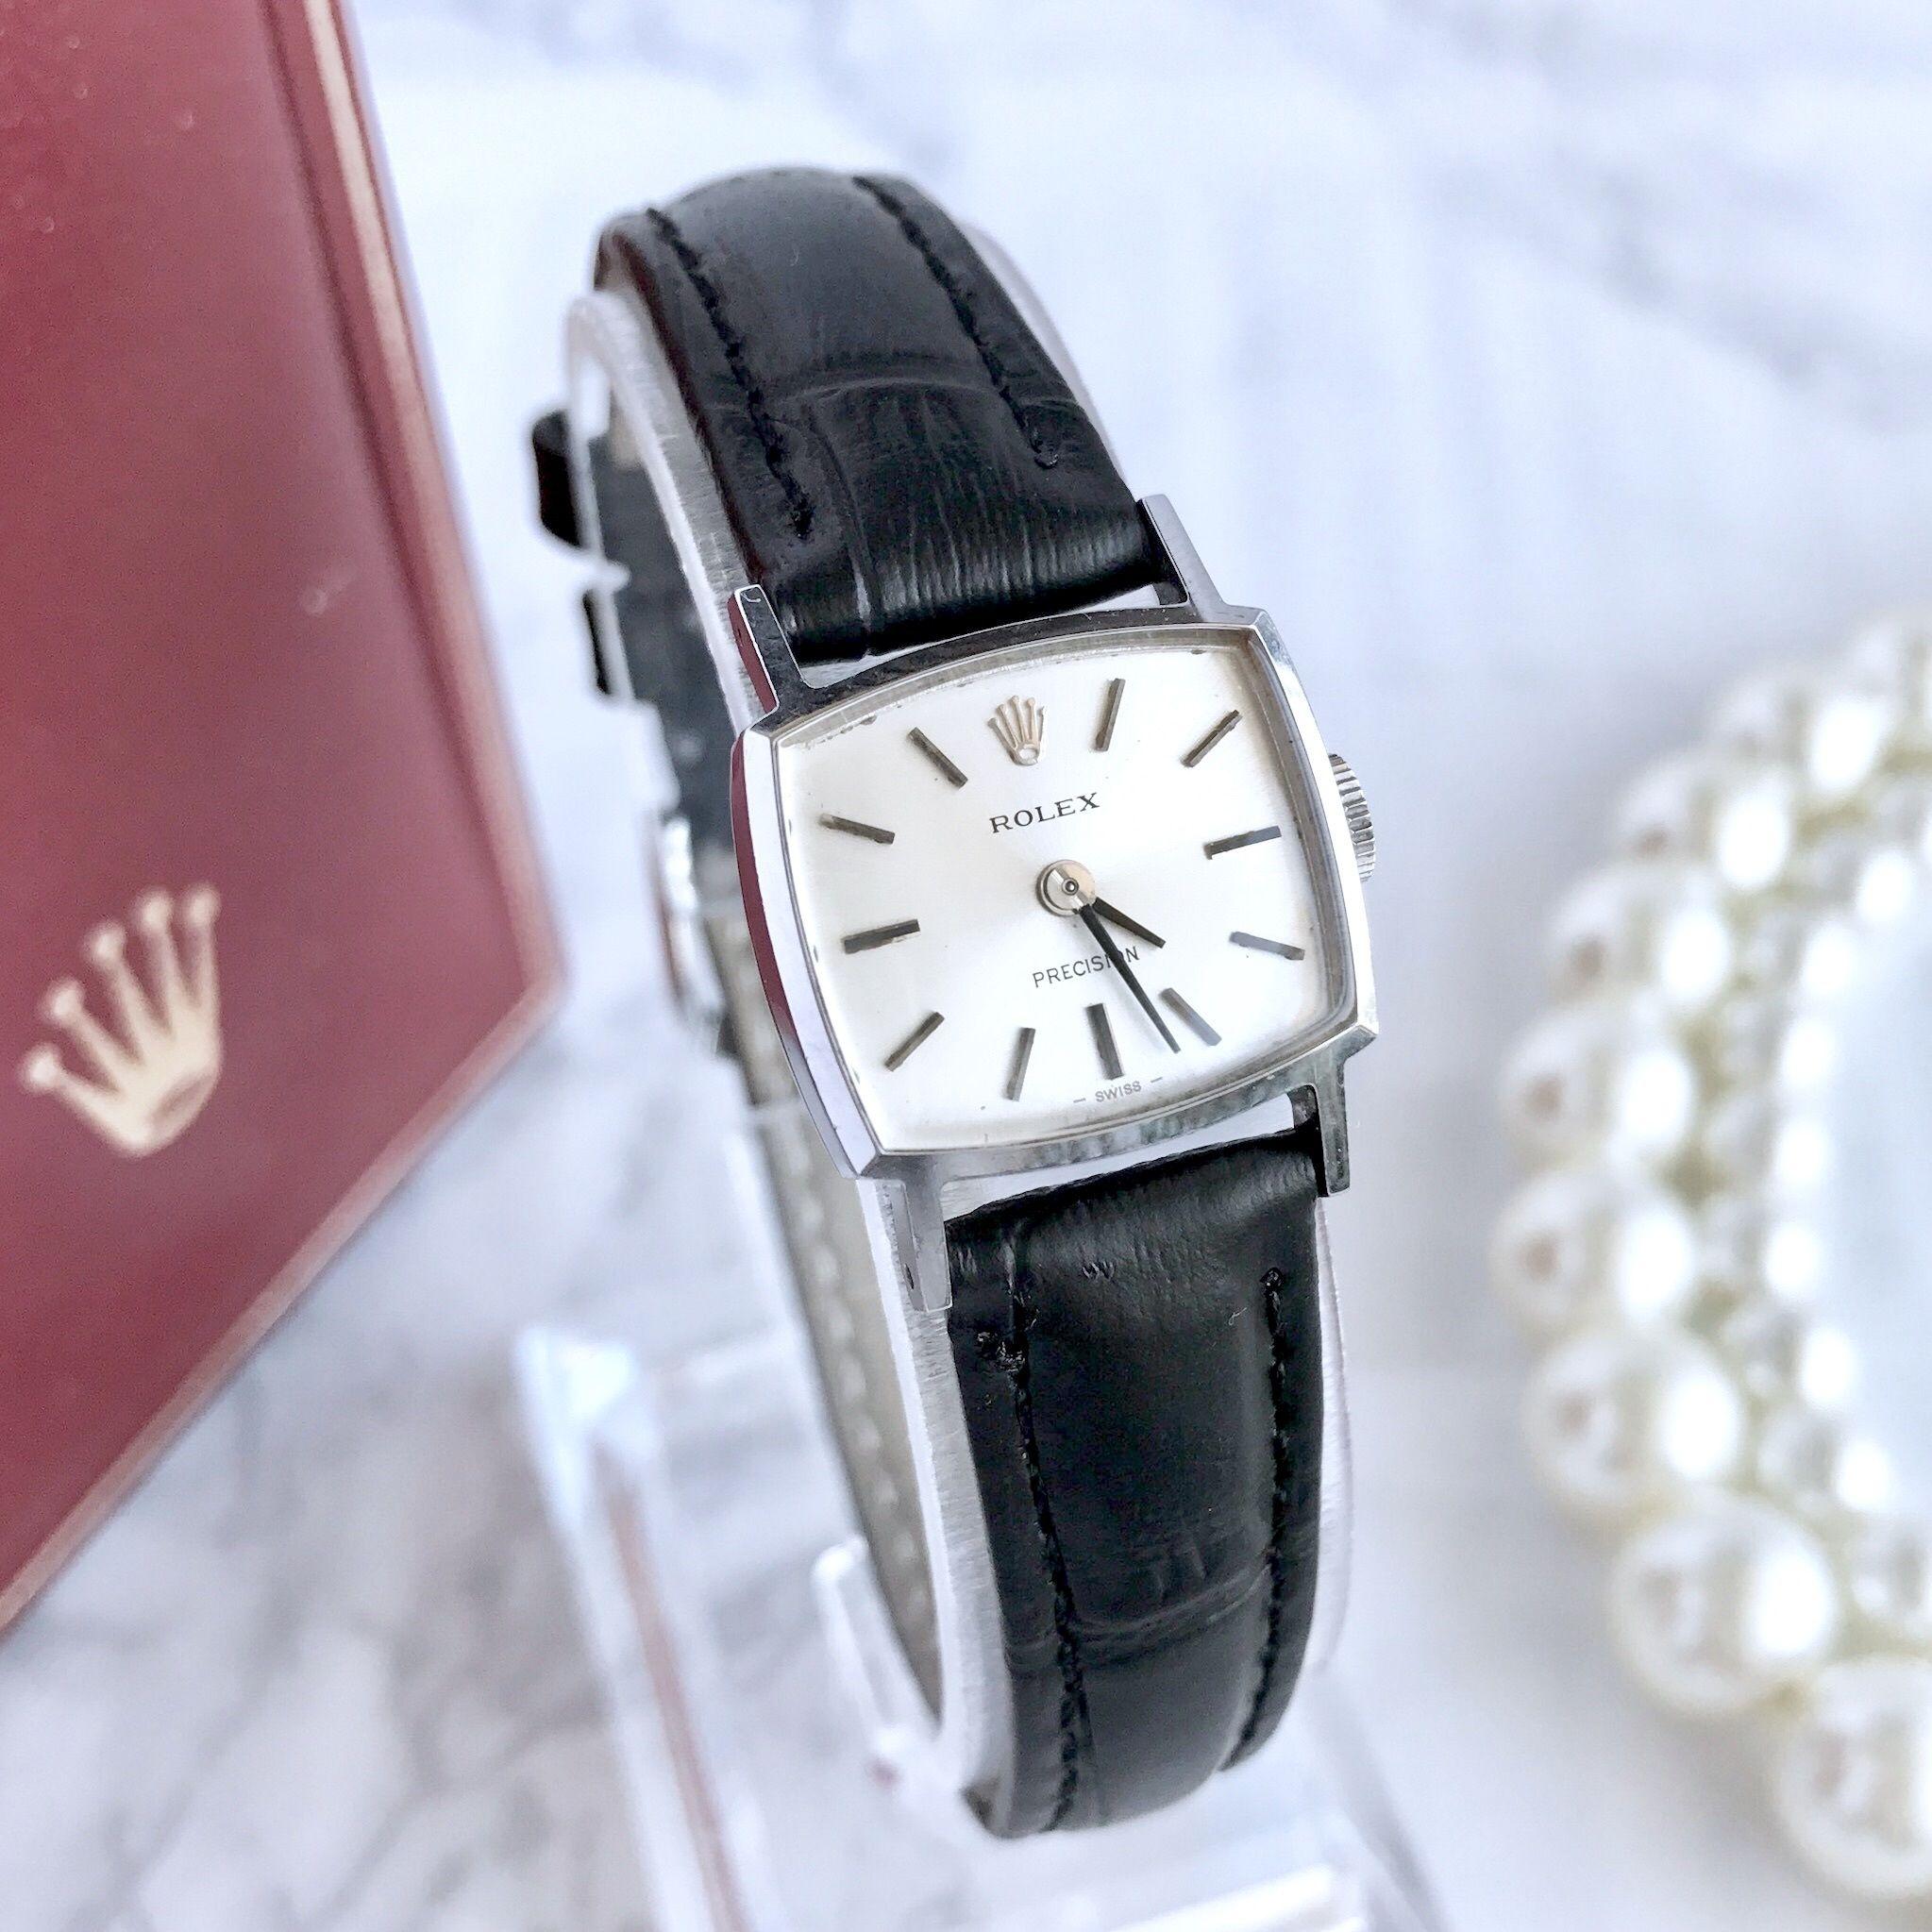 ROLEX ロレックス プレシジョン スモール 腕時計